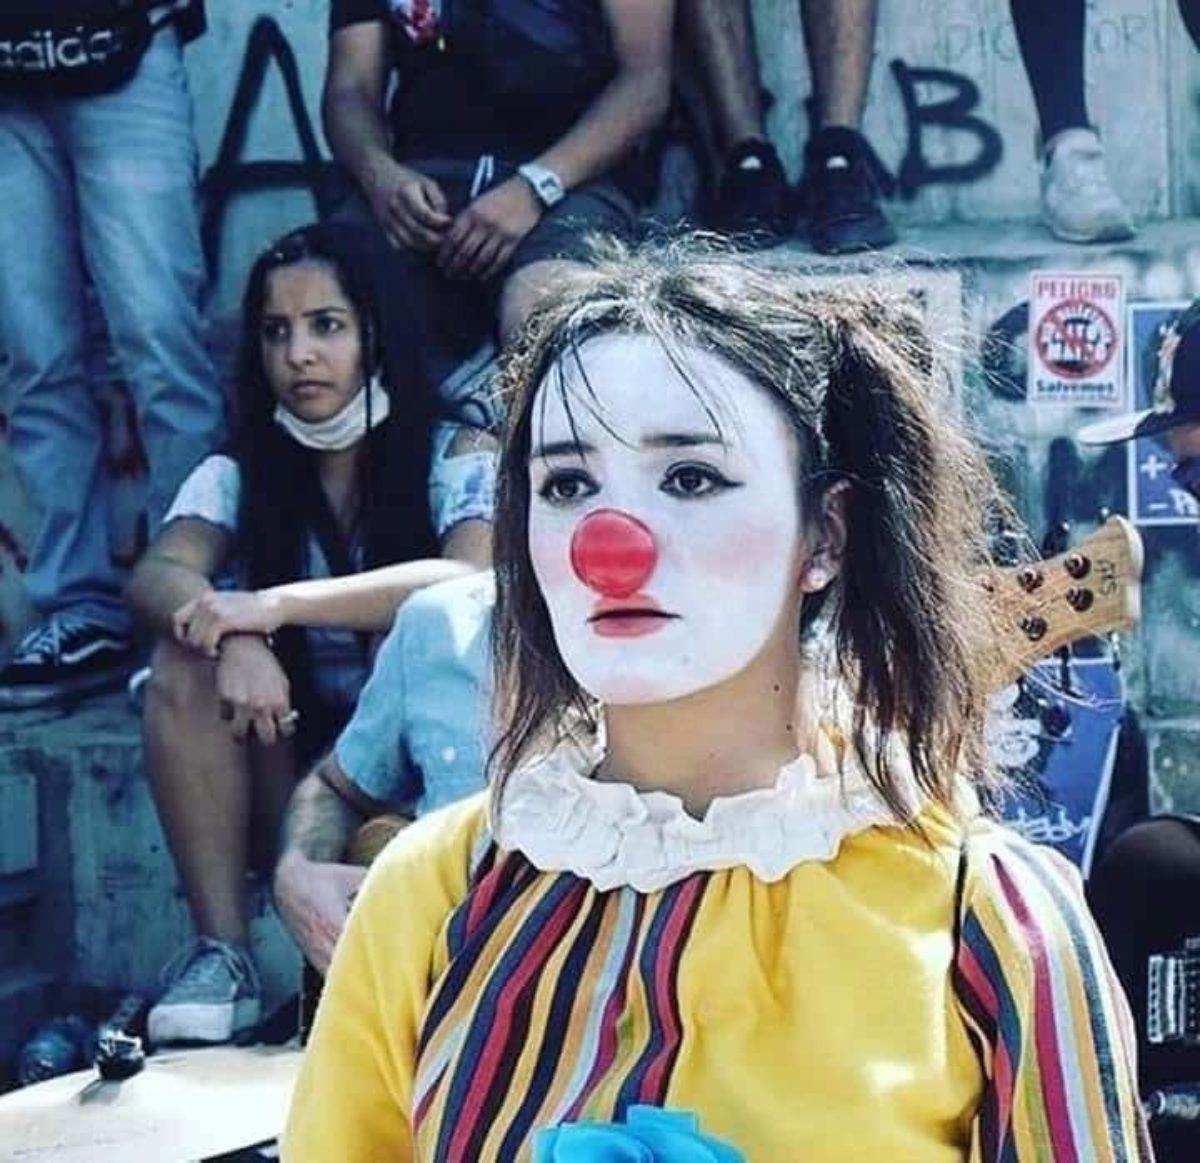 Cile, 'El Mimo' torturata e uccisa